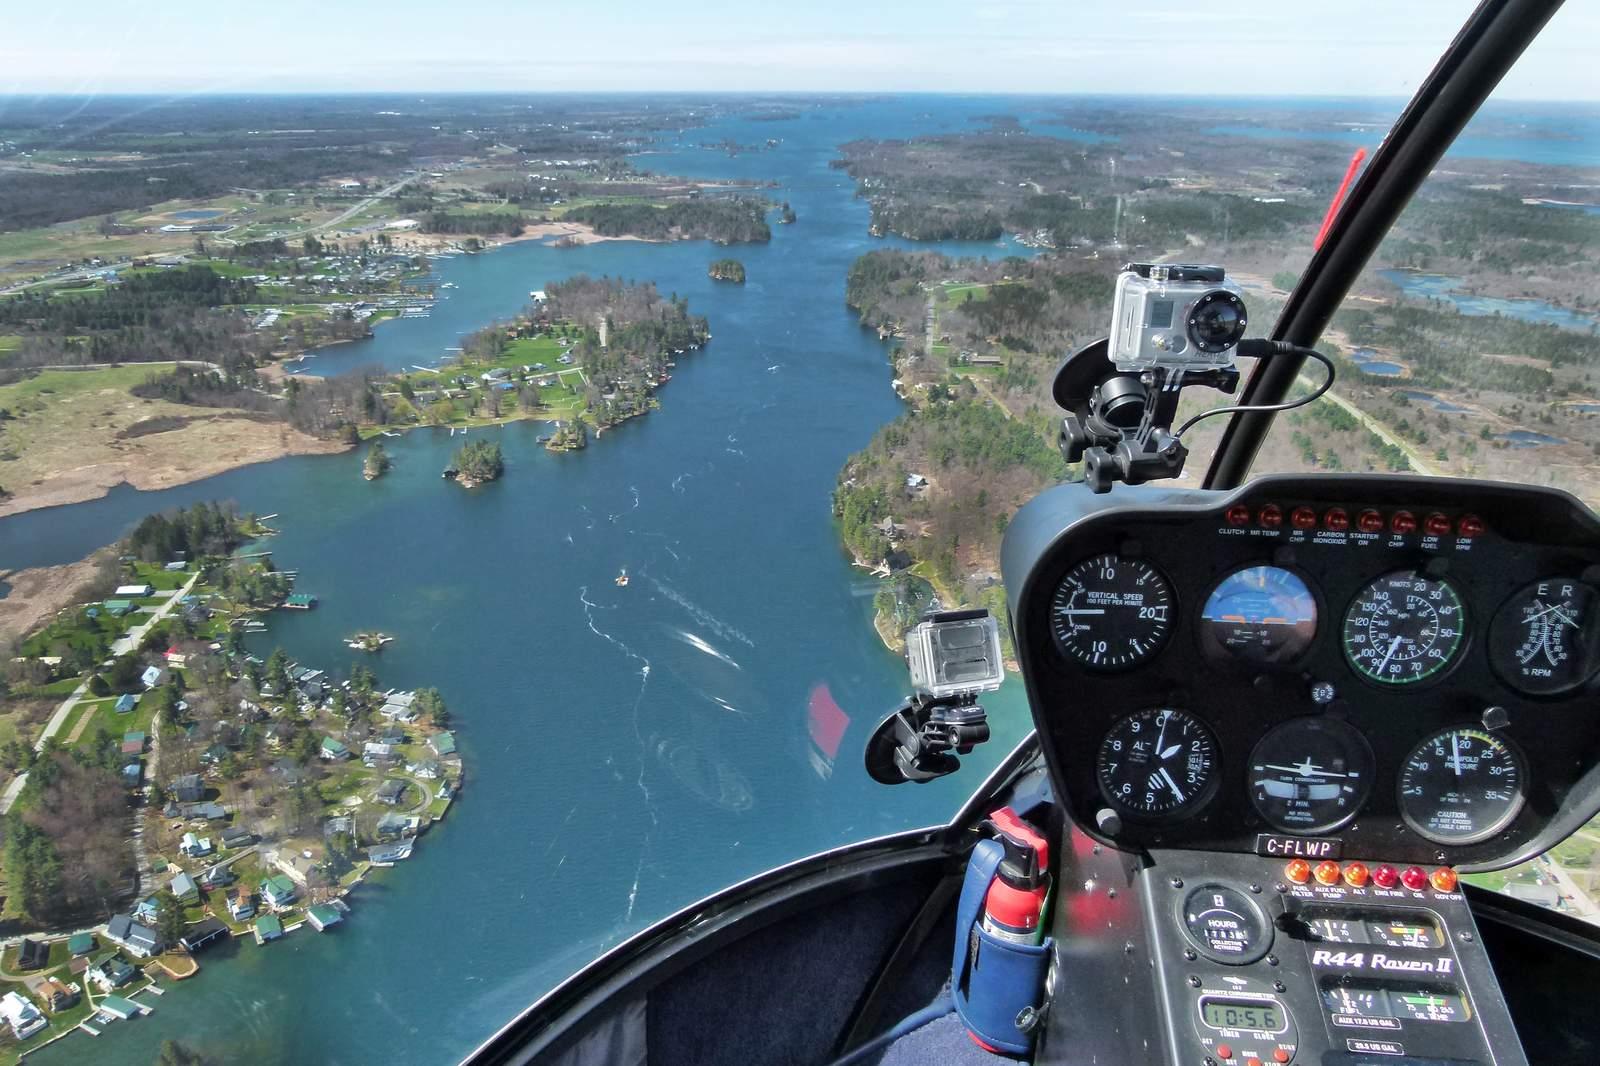 Blick auf die 1000 Islands aus dem Helikopter in St. Kingston, Ontario